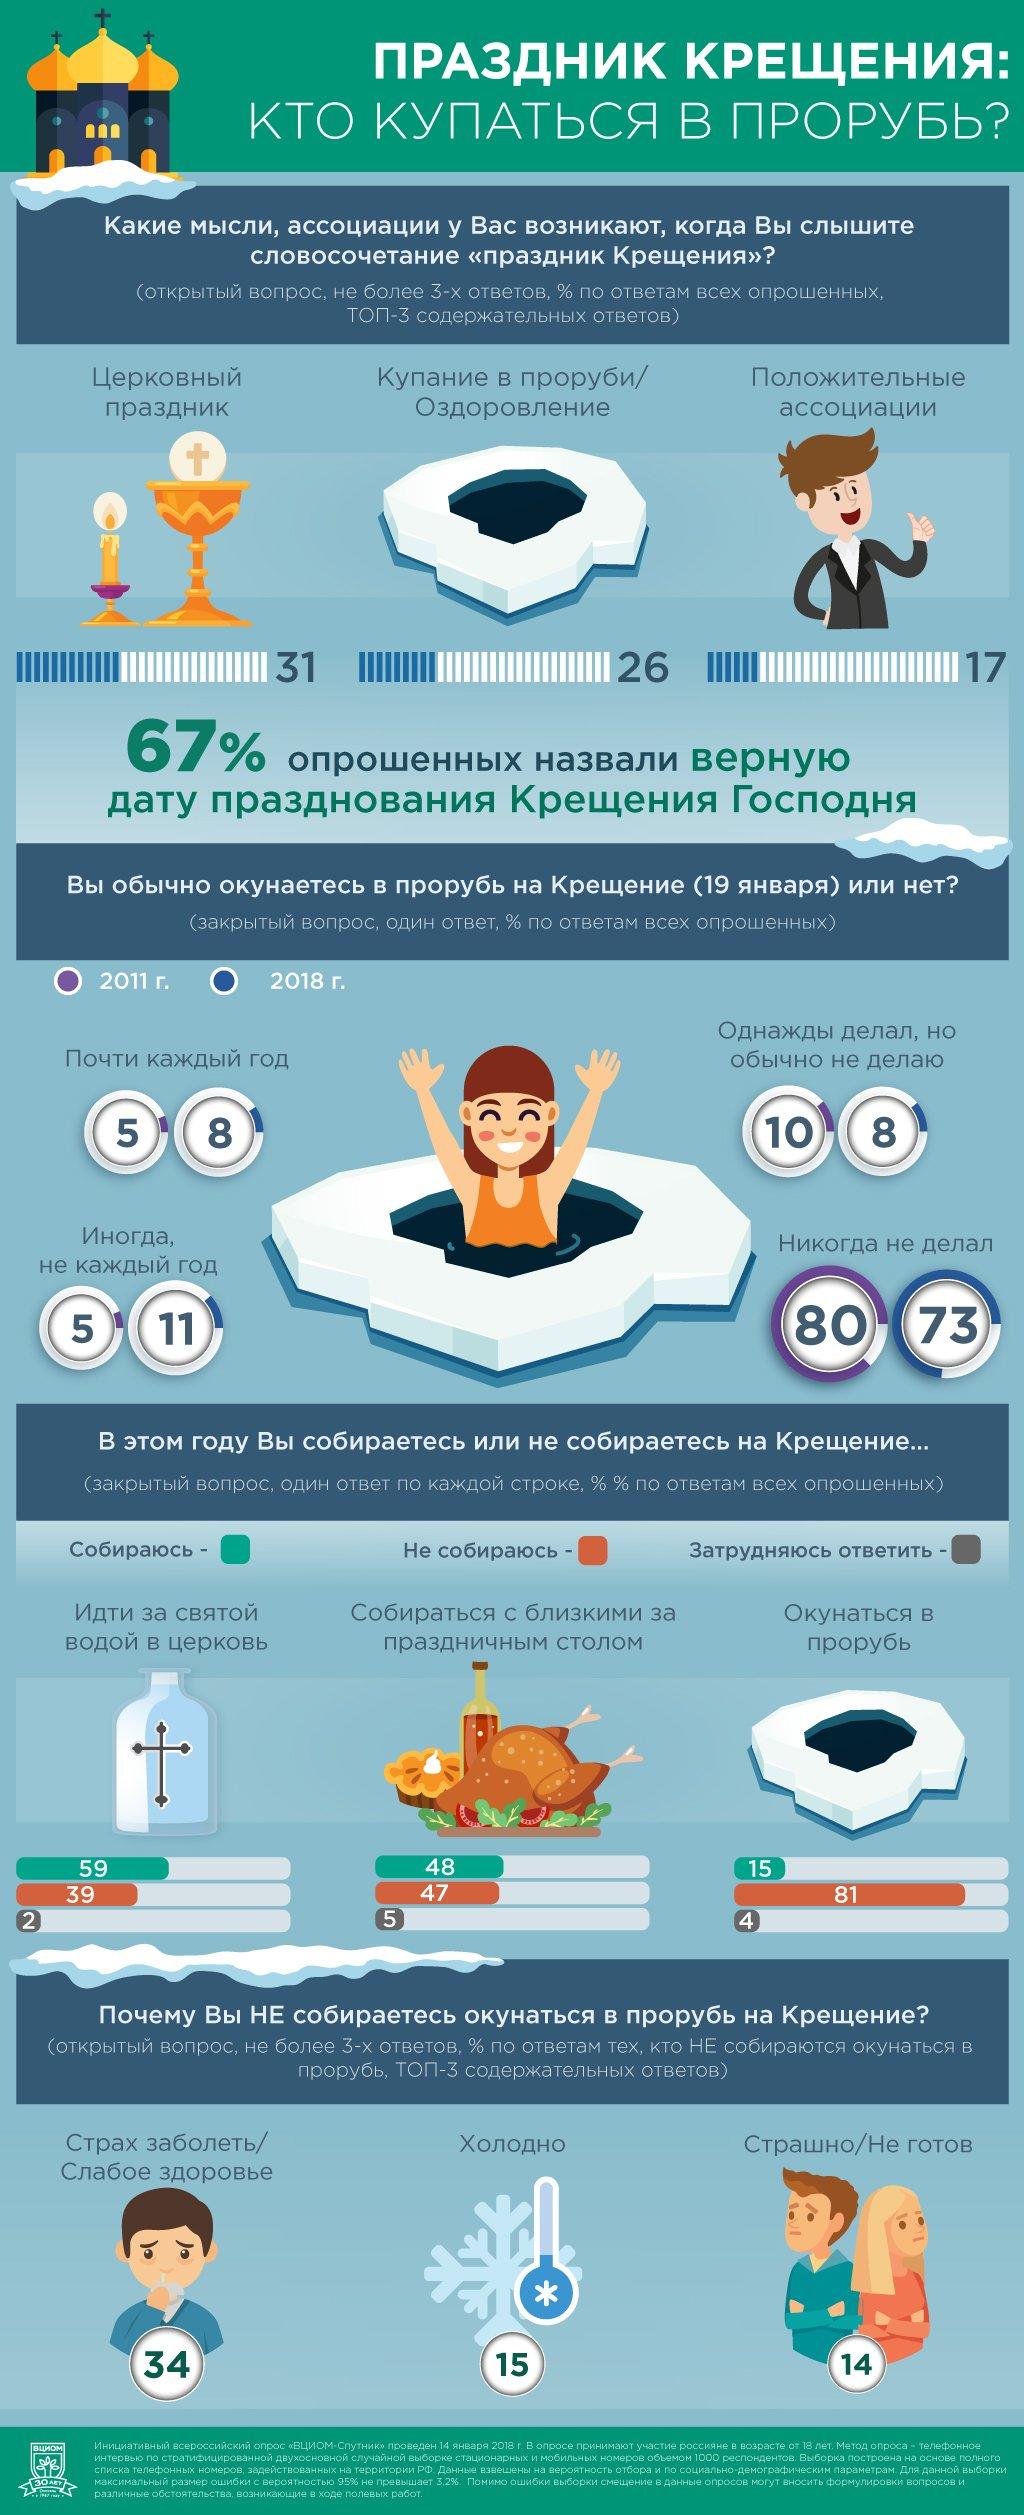 ВЦИОМ: Крещение для россиян – это в первую очередь церковный праздник, фото-1